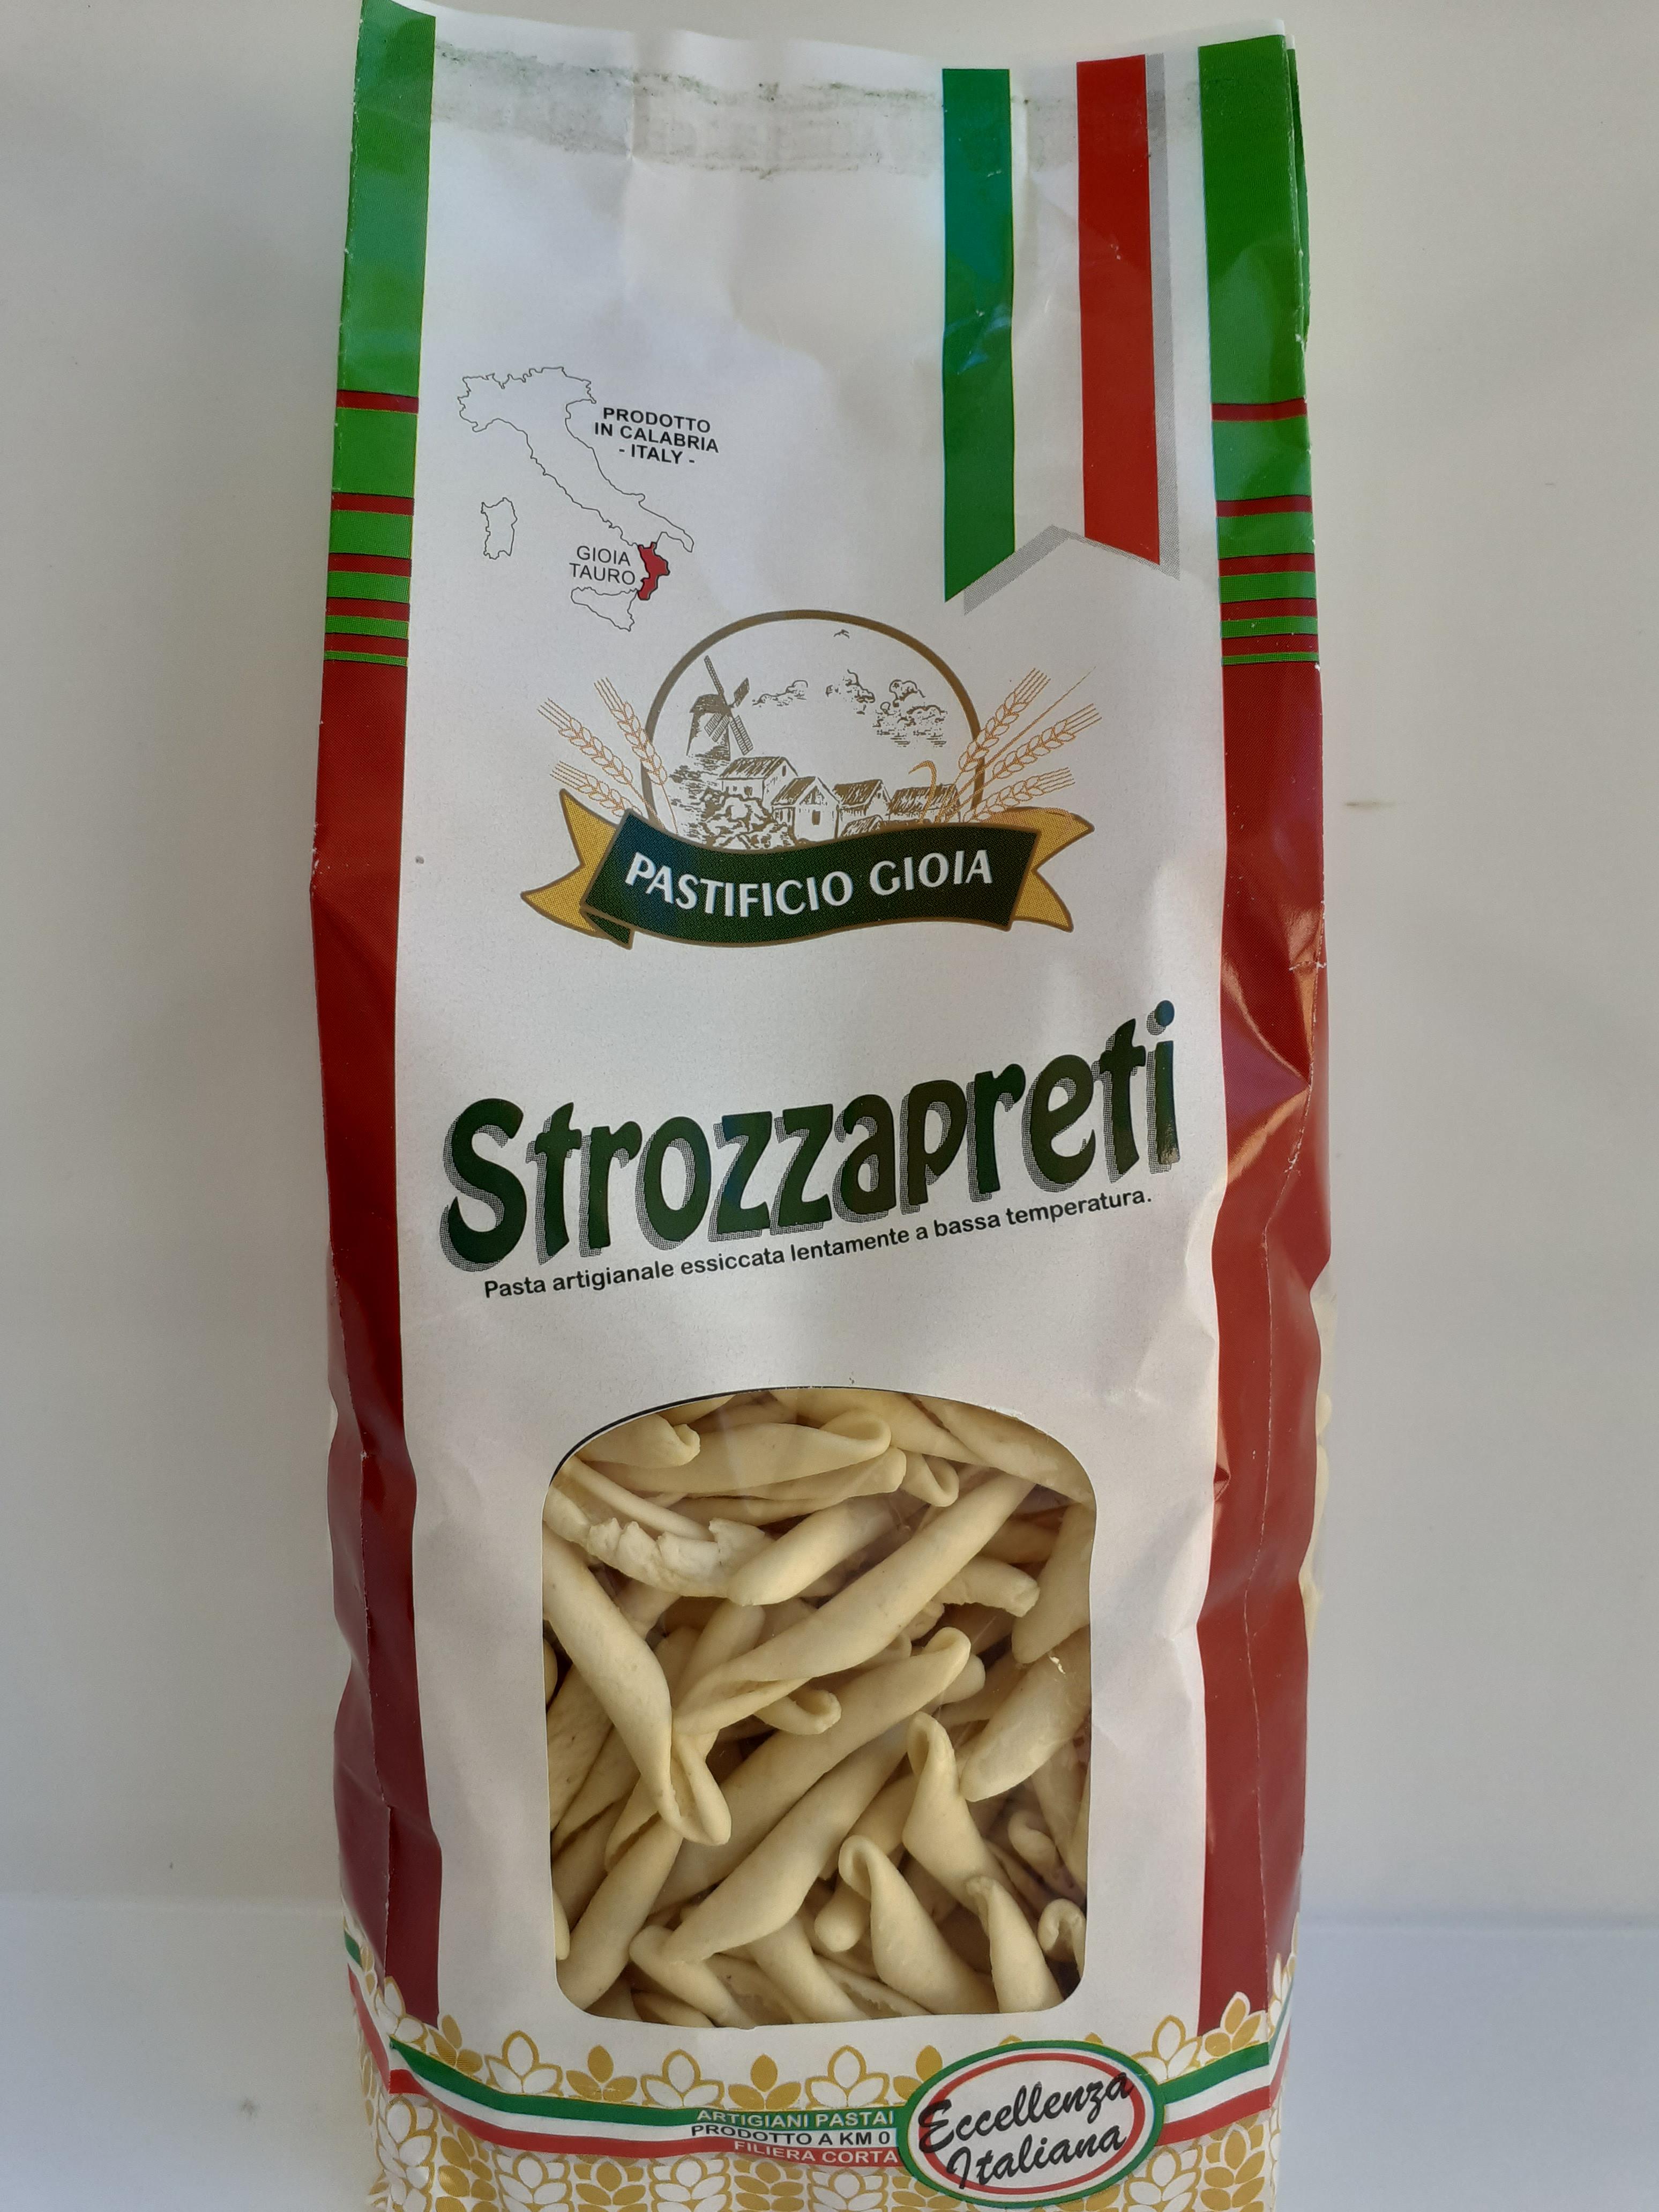 Strozzapreti 500g. Pasta Artigianale essiccata lentamente a bassa temperatura del Pastificio Gioia Gioia Tauro (RC)